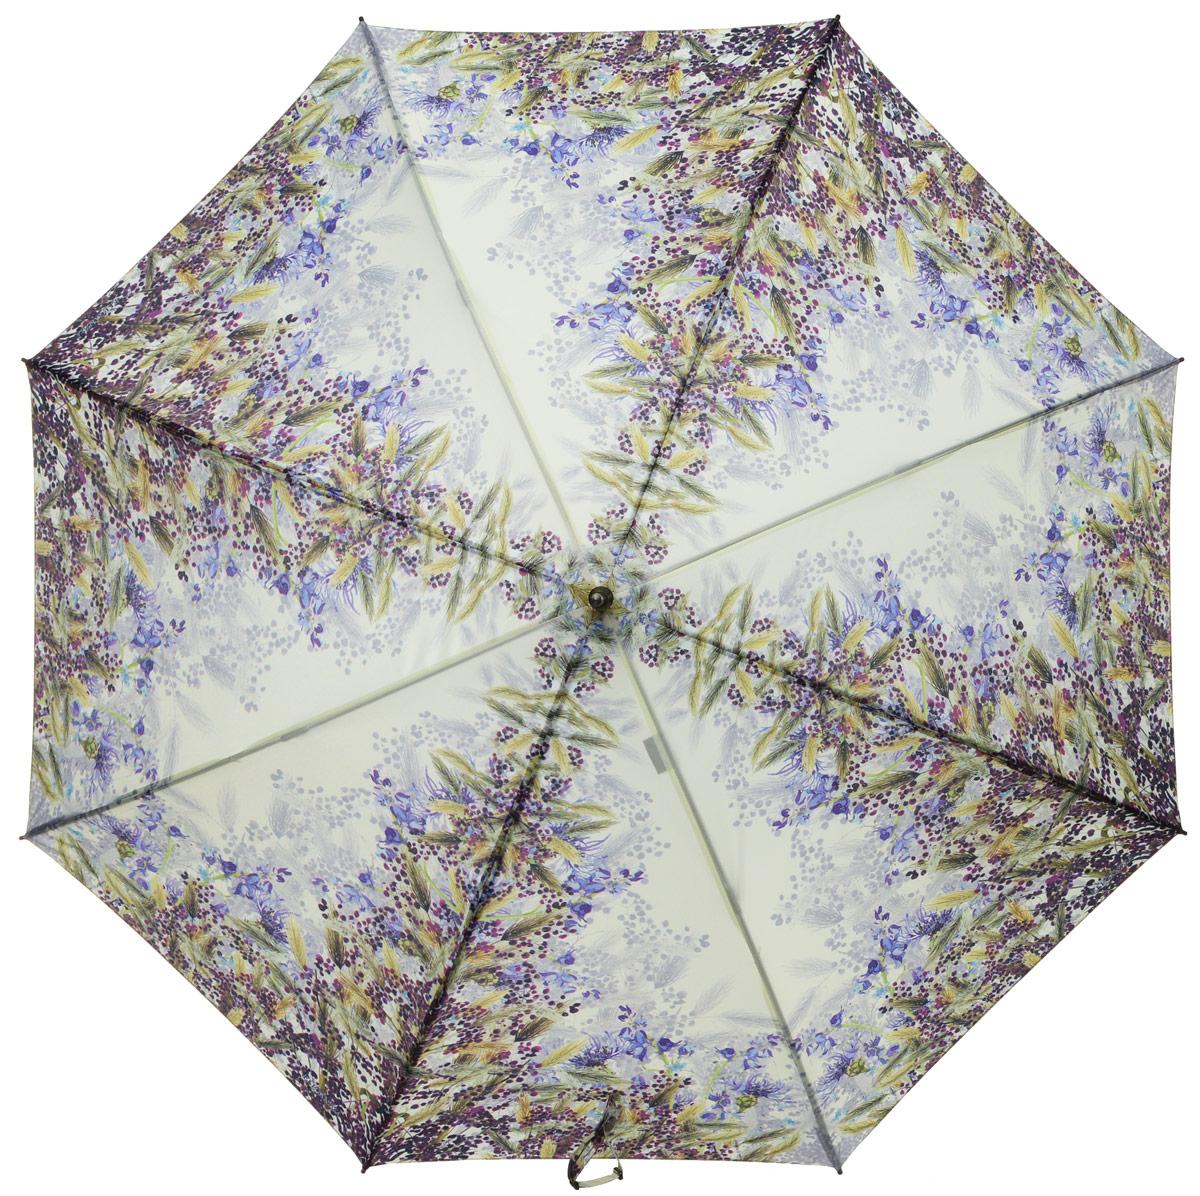 Зонт-трость женский Eleganzza, полуавтомат, 3 сложения, цвет: бежевый, зеленый, фиолетовый. T-06-0302T-06-0302Элегантный женский зонт-трость Eleganzza не оставит вас незамеченной. Изделие оформлено оригинальным принтом в виде цветов. Зонт состоит из восьми спиц и стержня, изготовленных из стали и фибергласса. Купол выполнен из качественного полиэстера и эпонжа, которые не пропускают воду. Зонт дополнен удобной ручкой из акрила, которая имеет форму крючка. Также зонт имеет заостренный наконечник, который устраняет попадание воды на стержень и уберегает зонт от повреждений. Изделие имеет полуавтоматический механизм сложения: купол открывается нажатием кнопки на ручке, а складывается вручную до характерного щелчка. Оригинальный и практичный аксессуар даже в ненастную погоду позволит вам оставаться женственной и привлекательной.